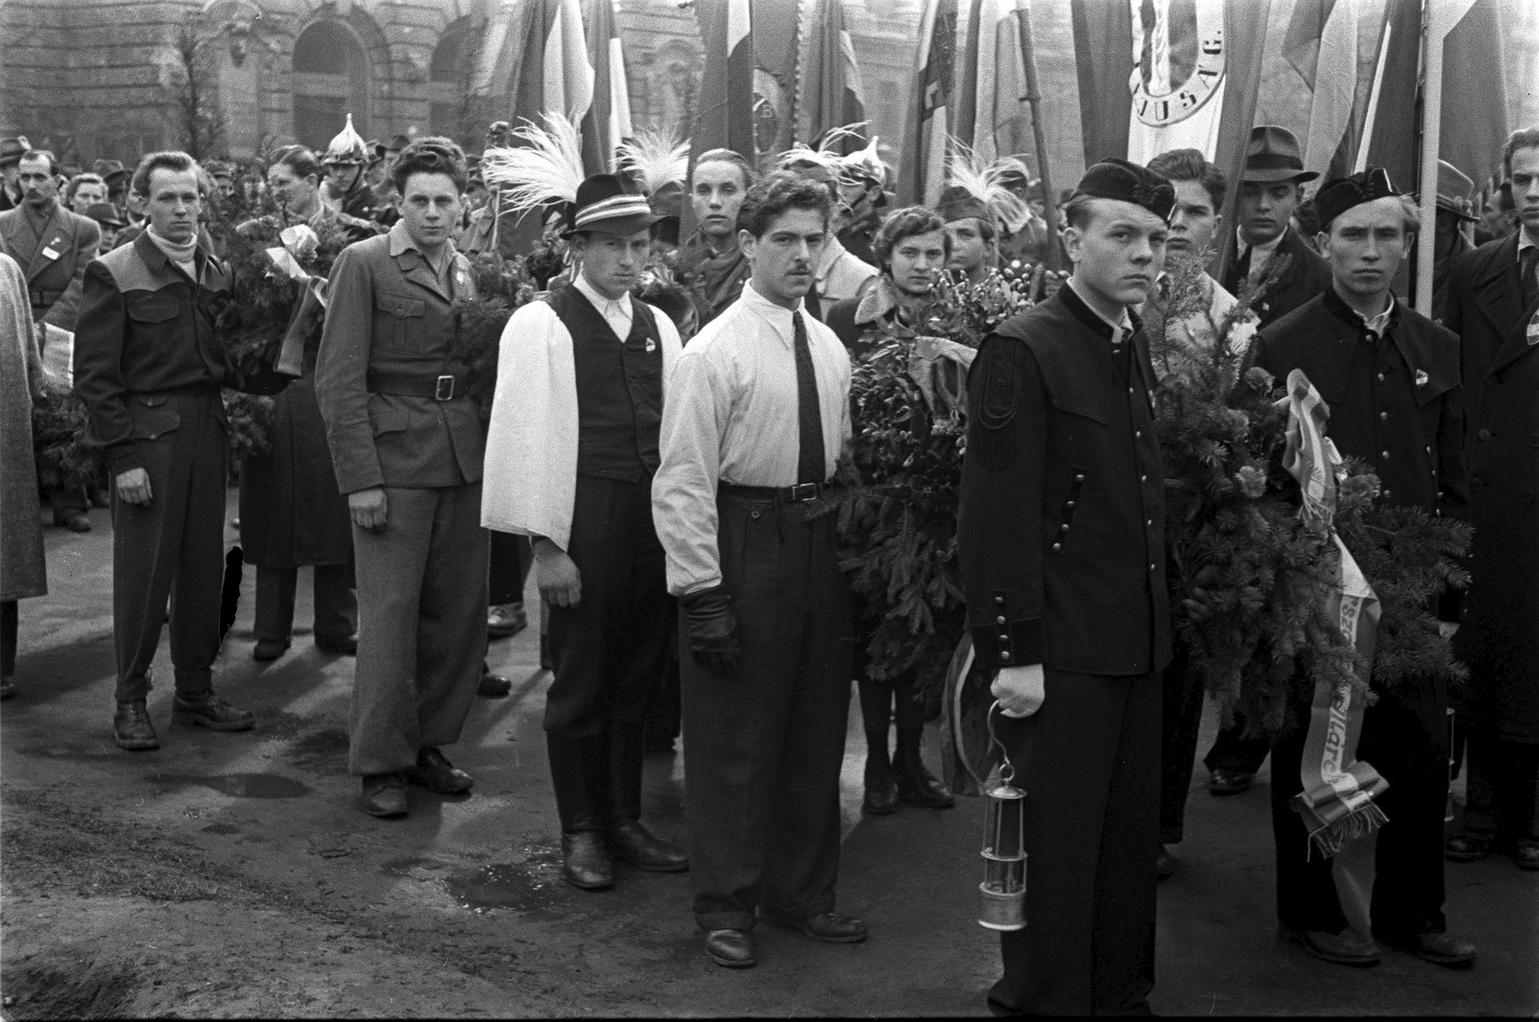 Budapest, 1946. március 15. Társadalmi szervezetek képviselői helyezik el koszorúikat a március 15-i ünnepség alkalmából a Nemzeti Múzeumnál tartott megemlékezésen. MAFIRT: Rózsa László